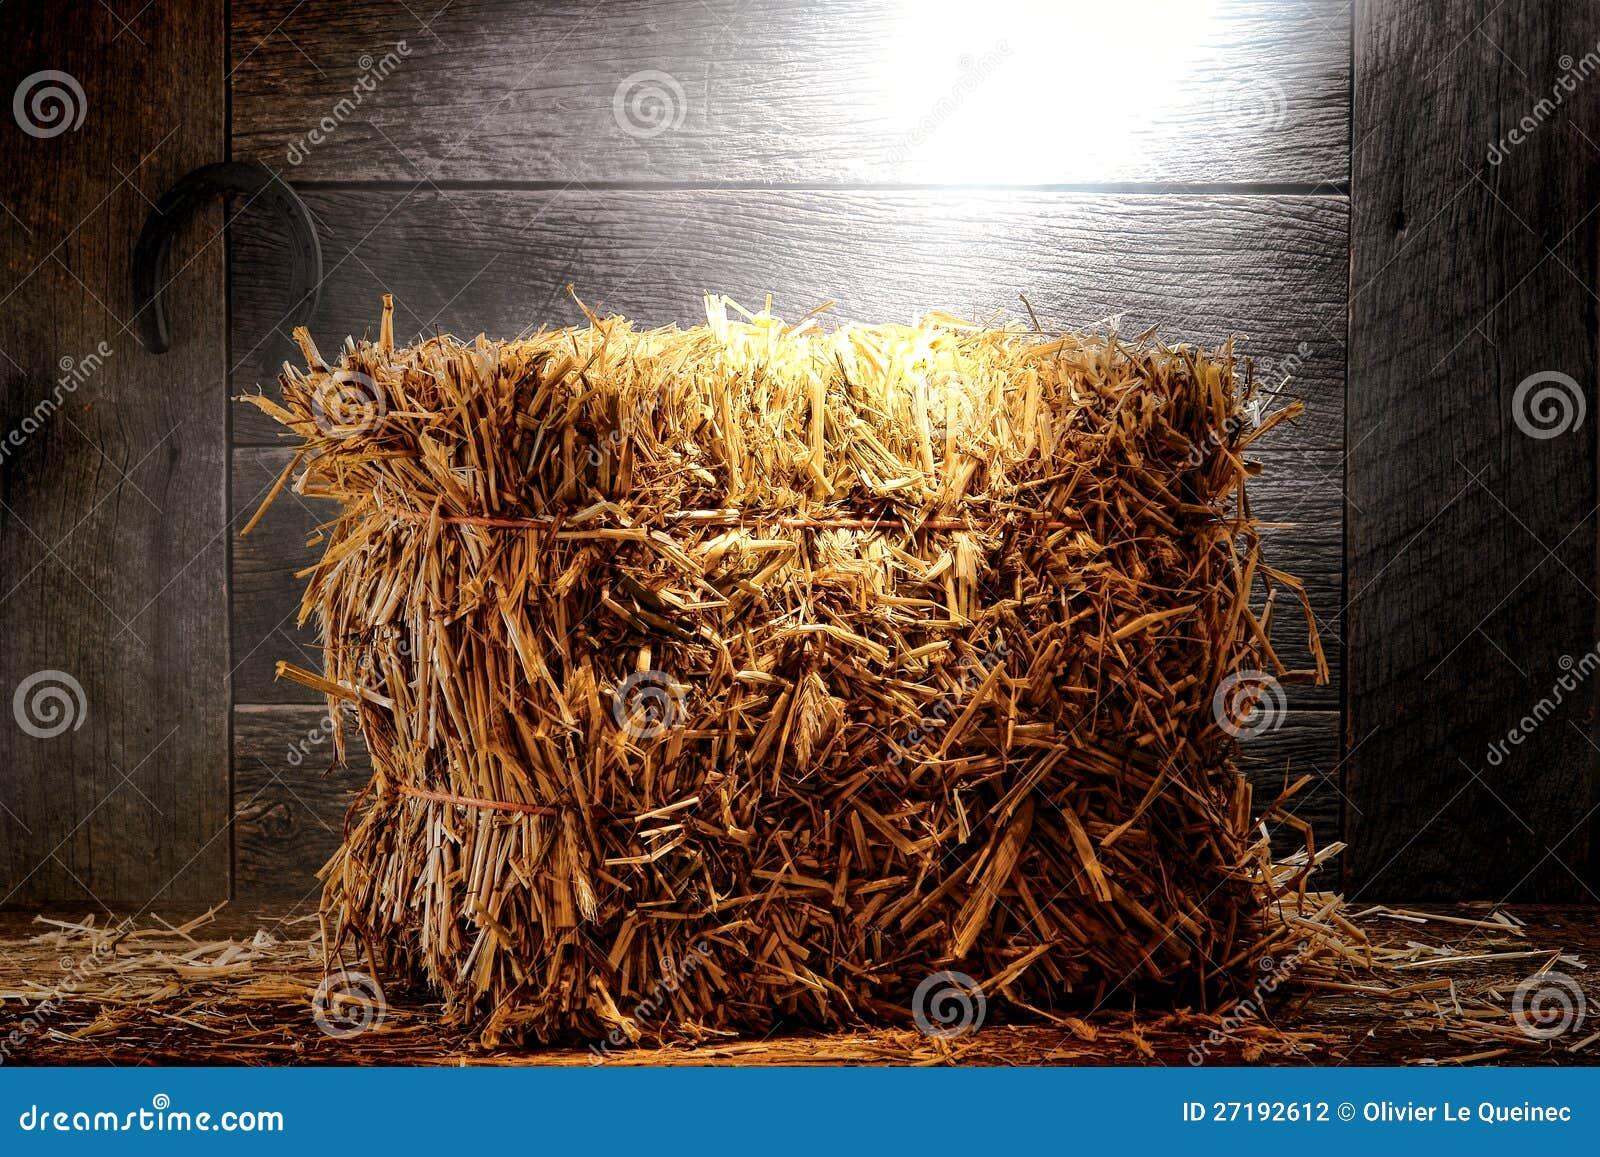 Bal av sugrörhö i gammal dammig lantgård- eller ranchladugård